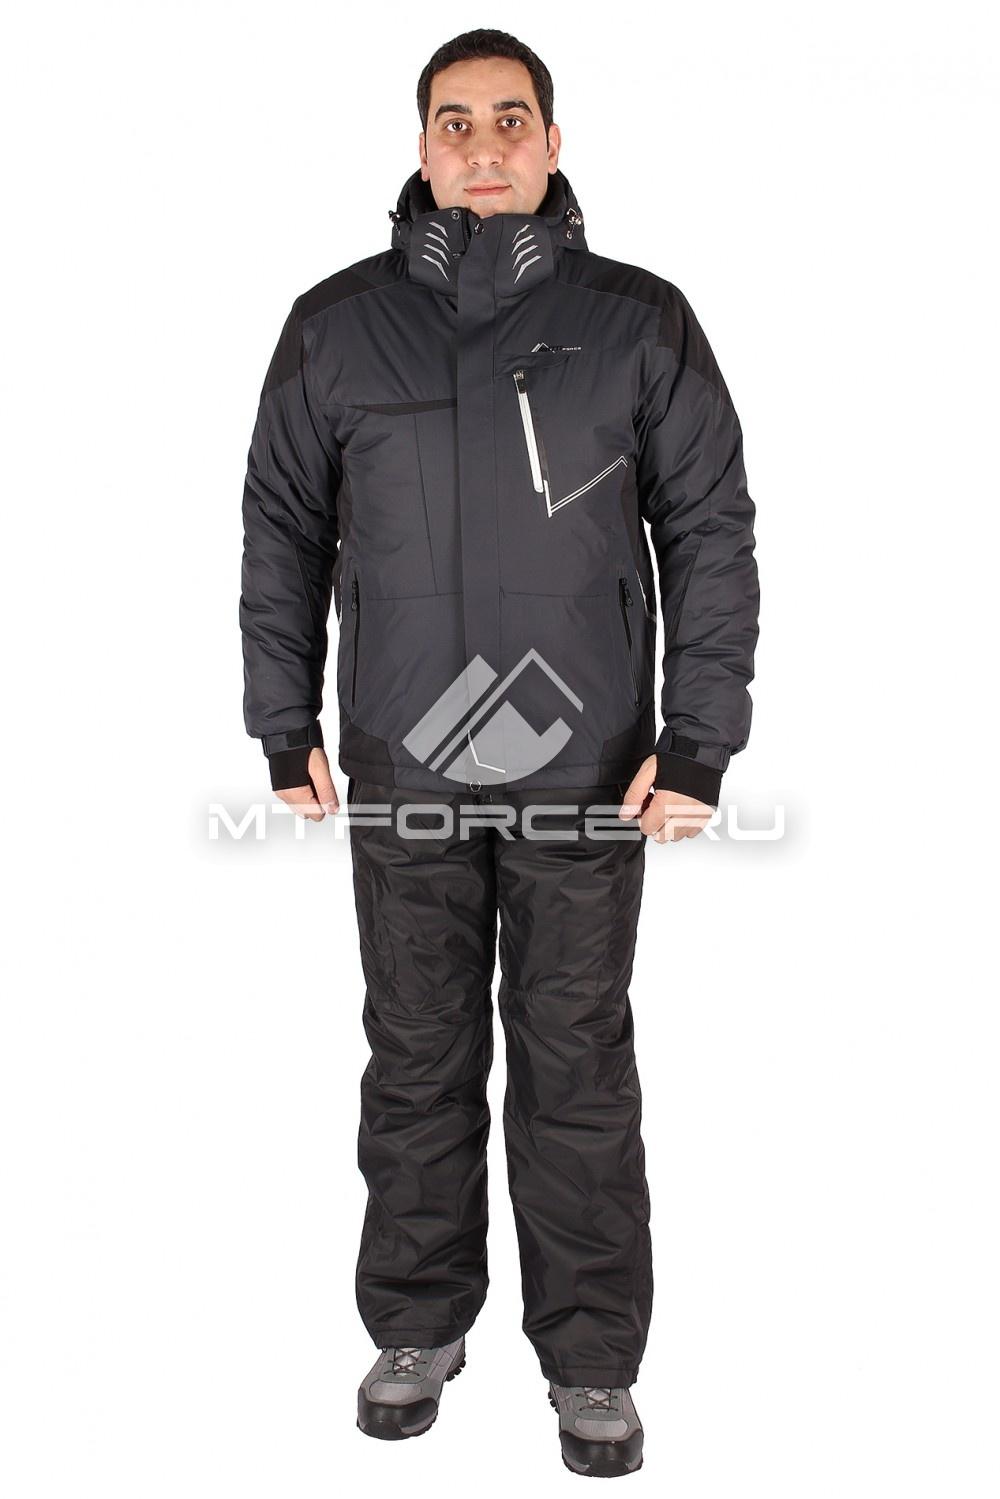 Купить                                  оптом Костюм горнолыжный мужской серого цвета 01555Sr